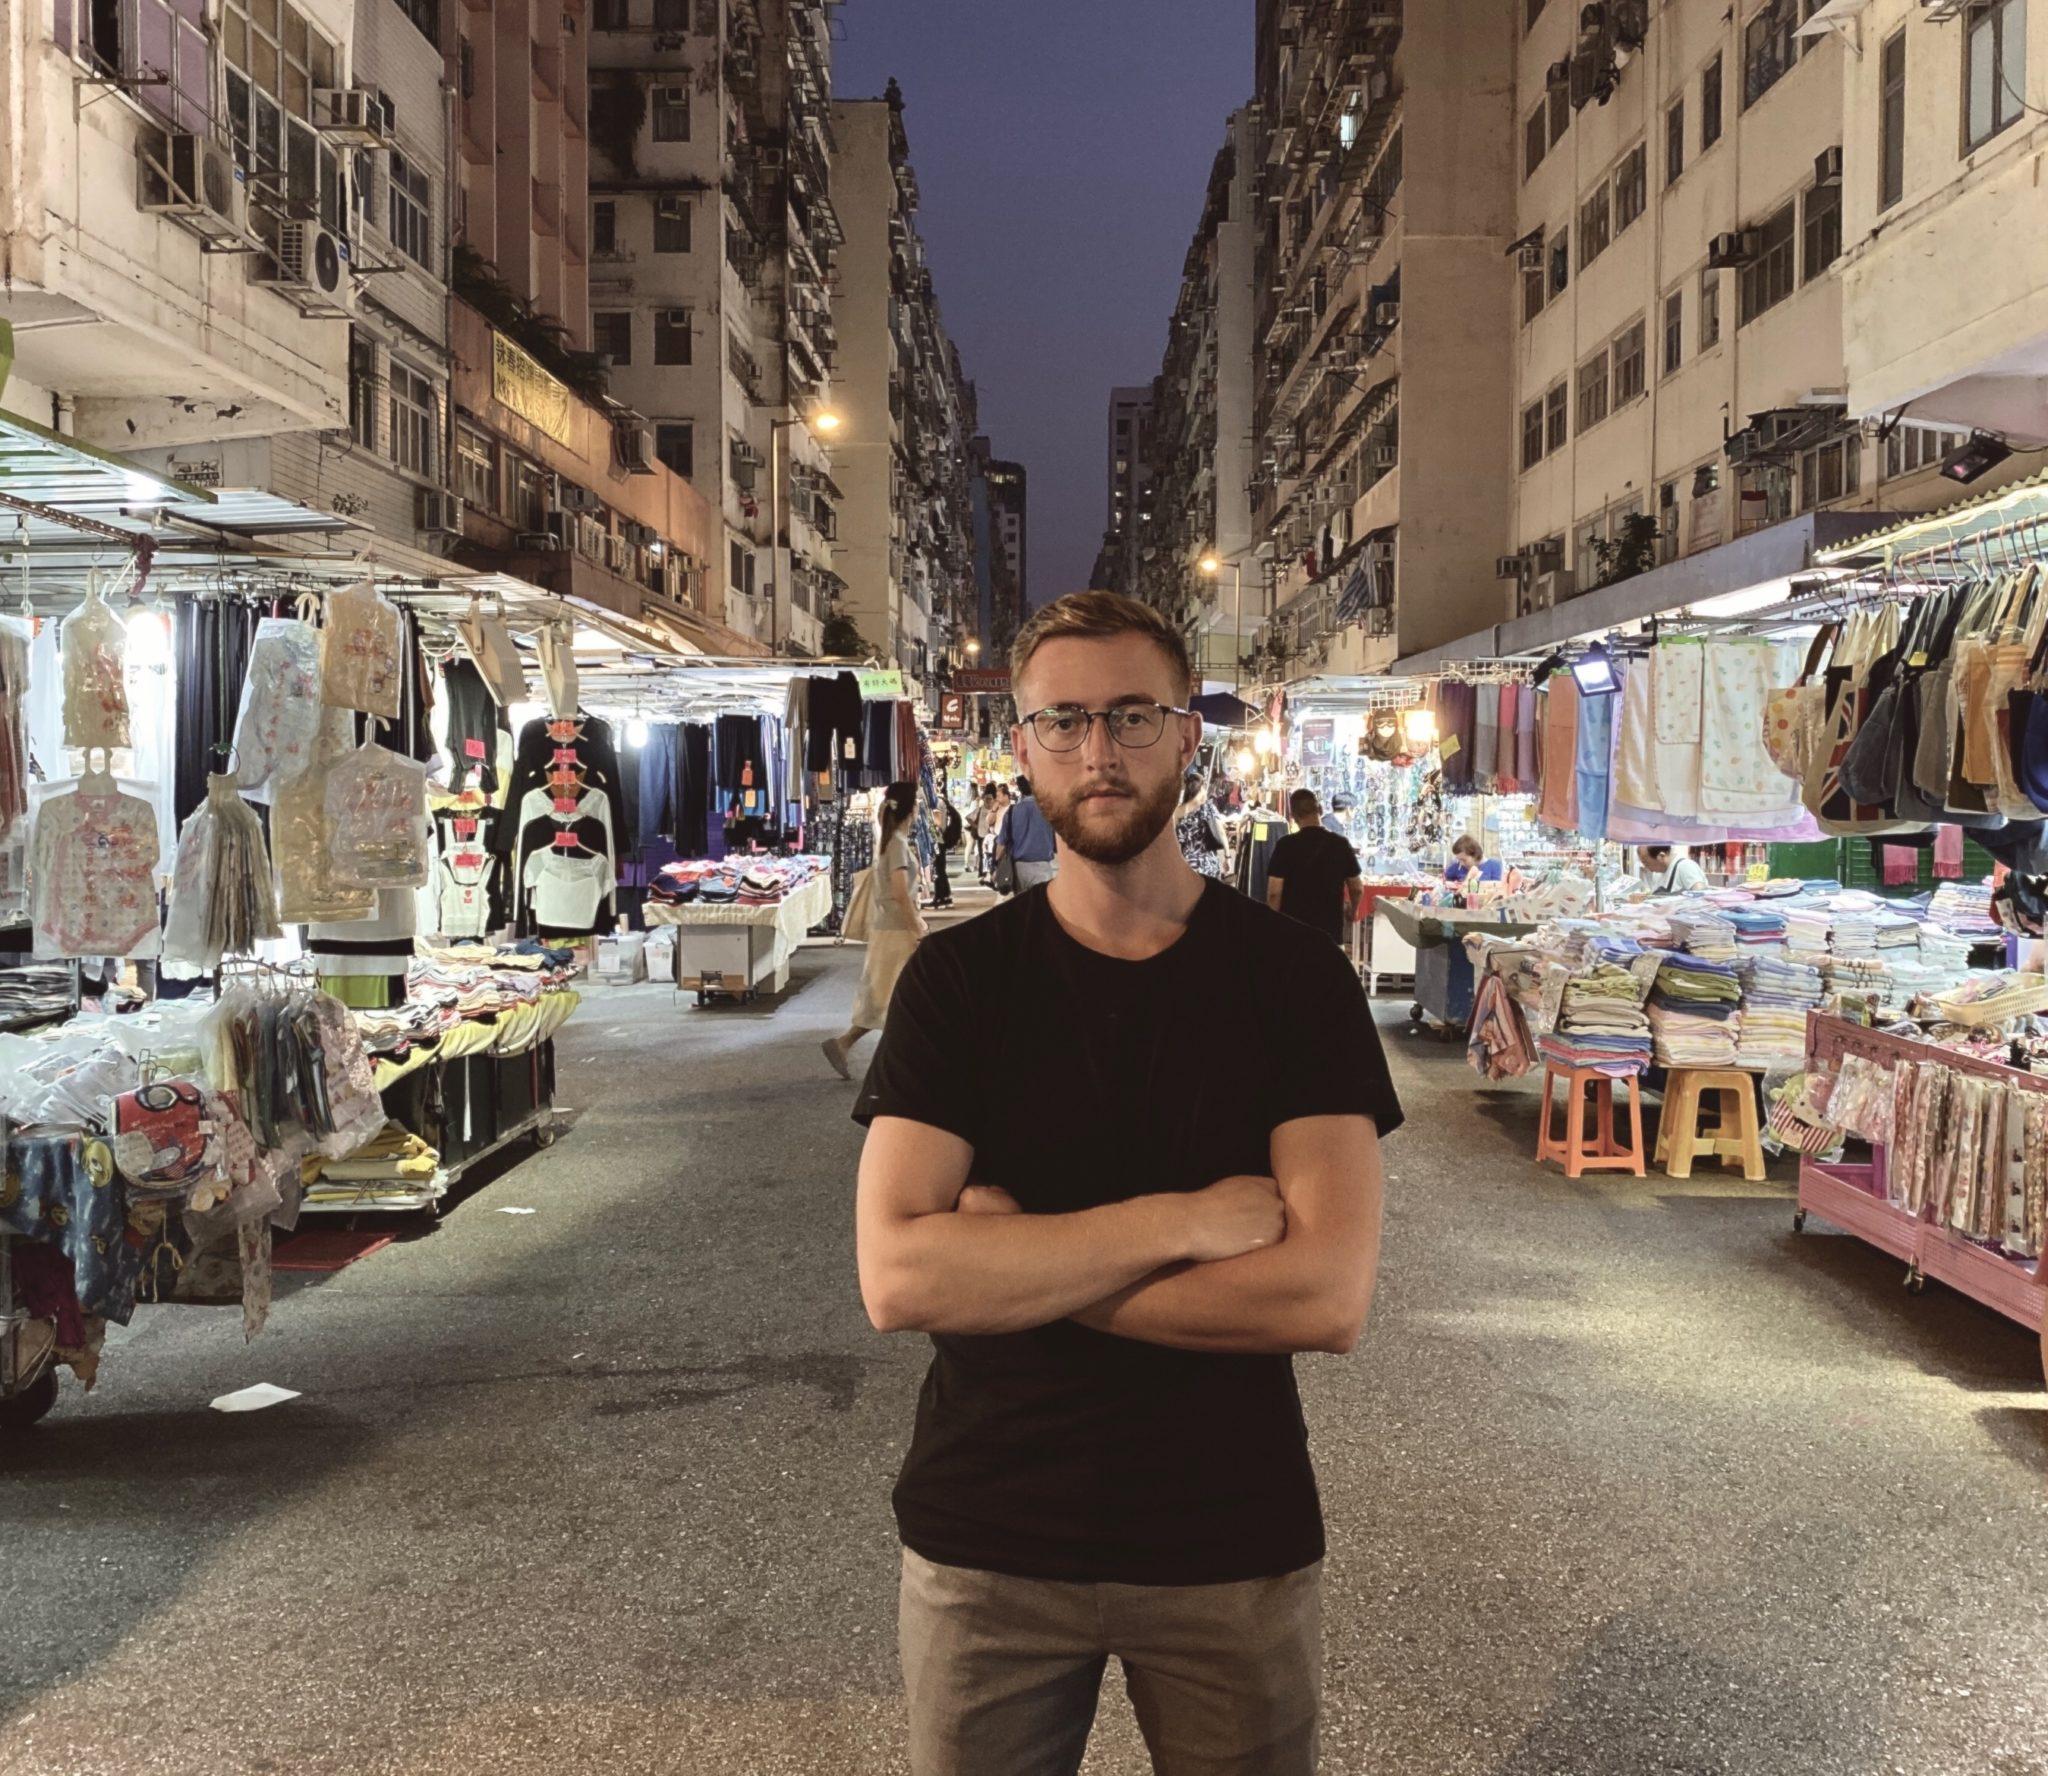 Hong Kong | Apple e o Twitter ajudam a mobilizar milhões